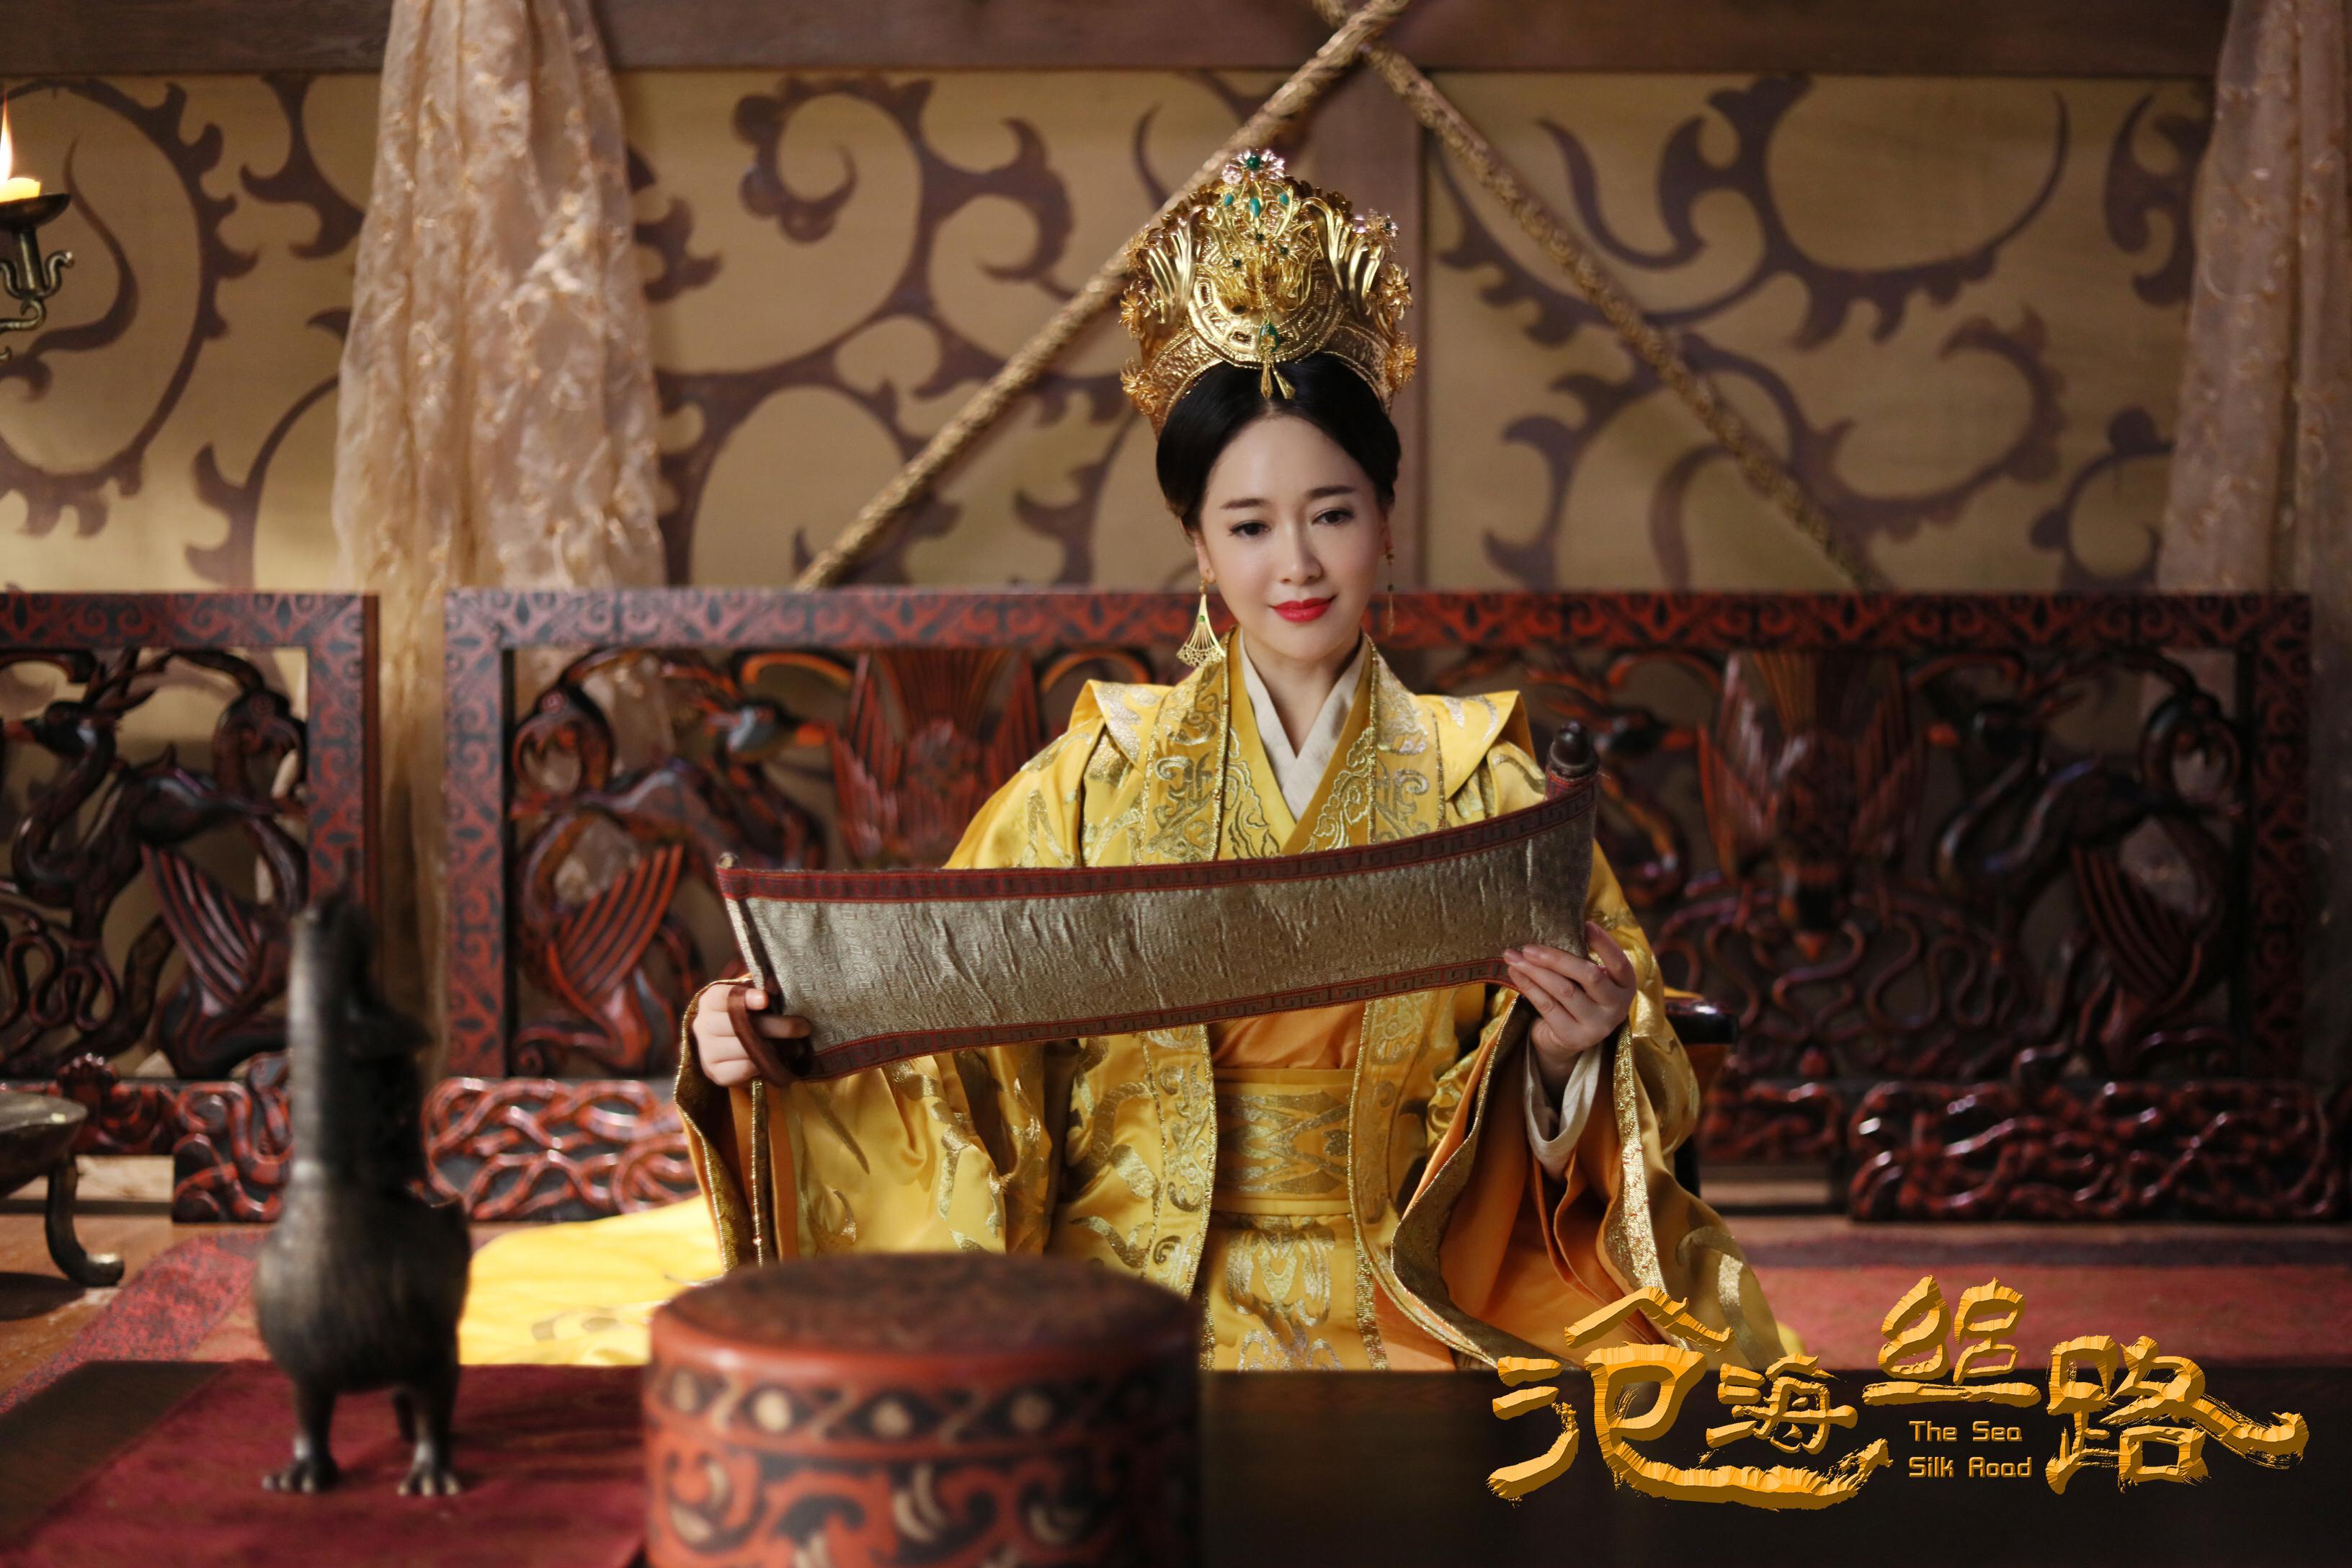 《沧海丝路》今晚央视开播 左小青出演云罗夫人引期待